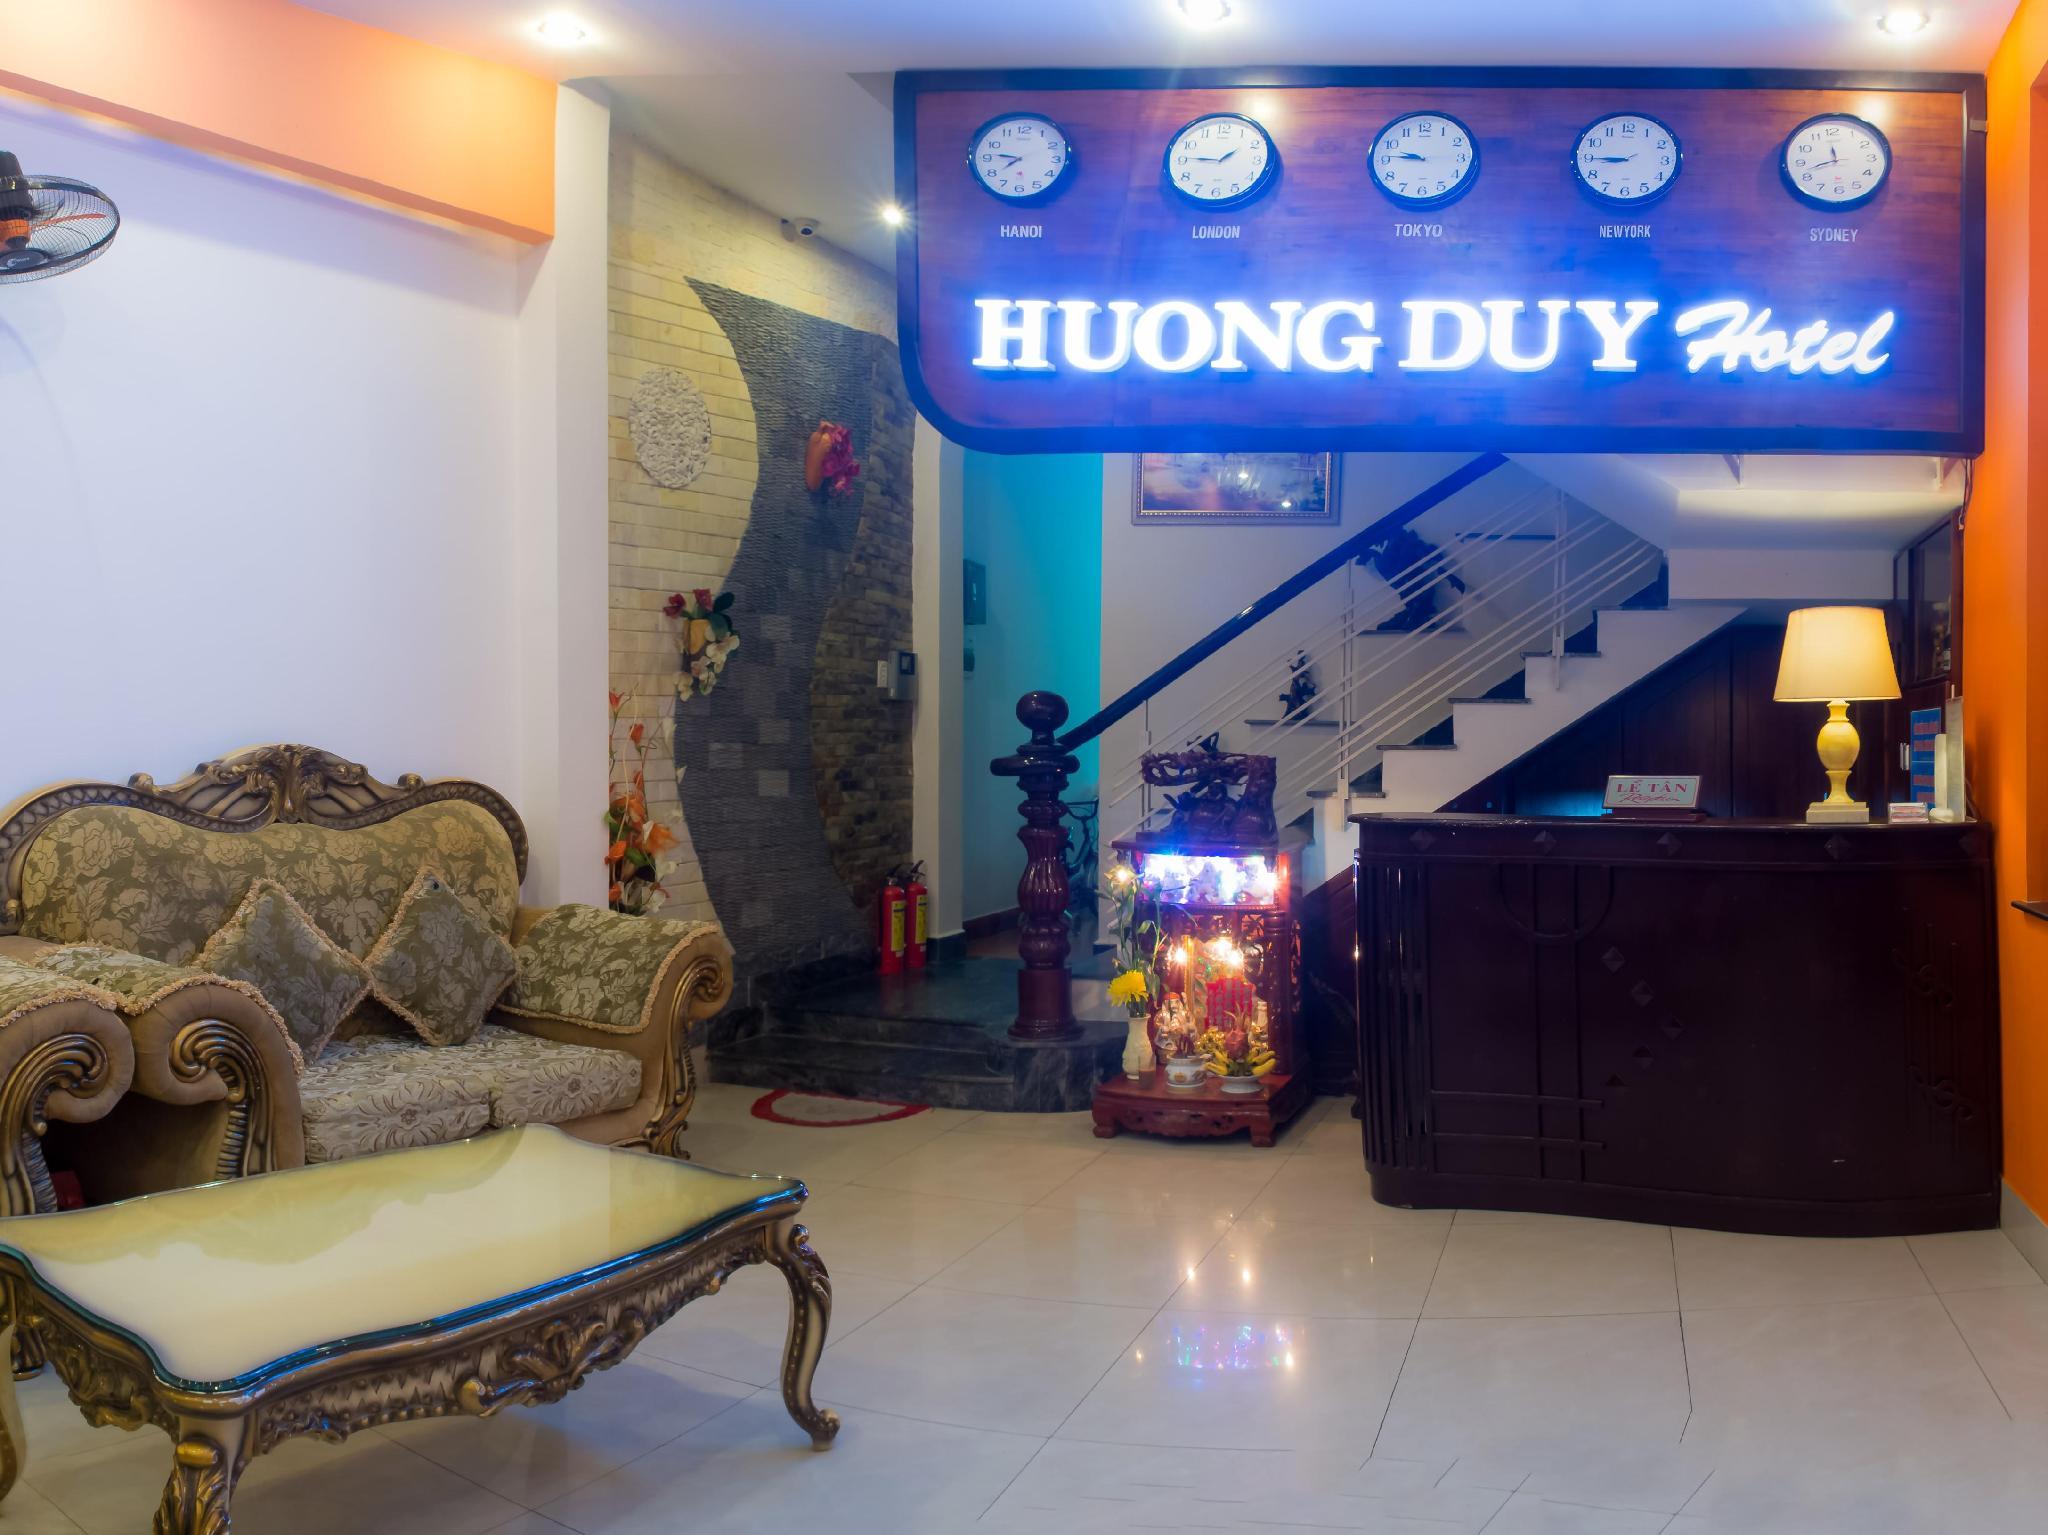 Huong Duy Hotel Danang - Hotell och Boende i Vietnam , Da Nang